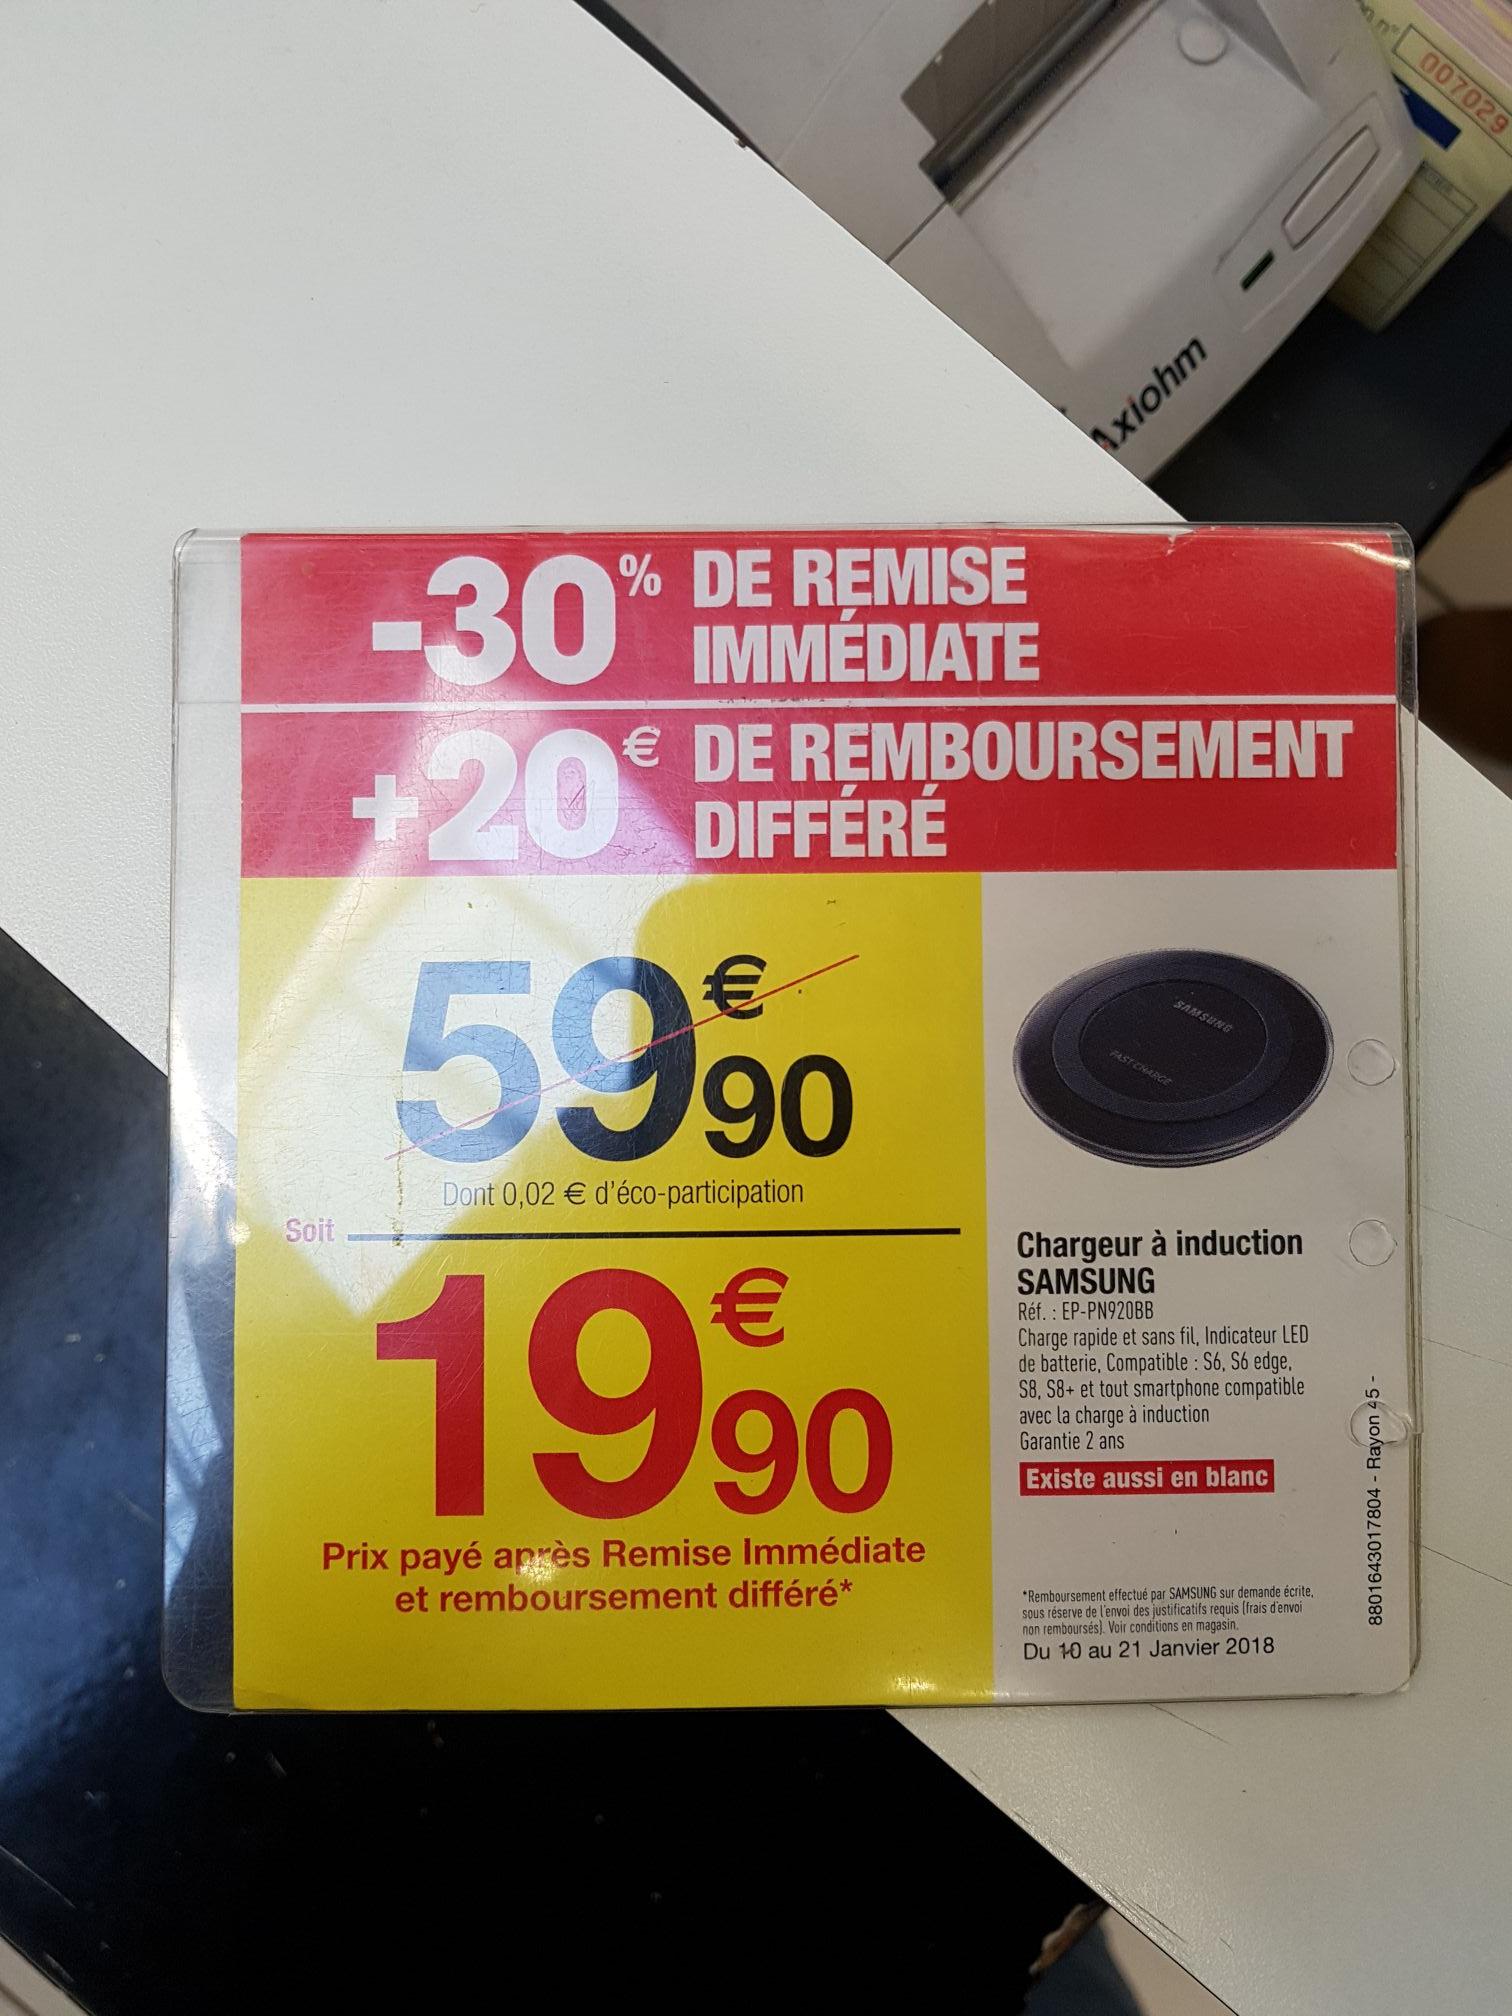 Chargeur induction Samsung (via ODR de 20€) - Meylan (38)